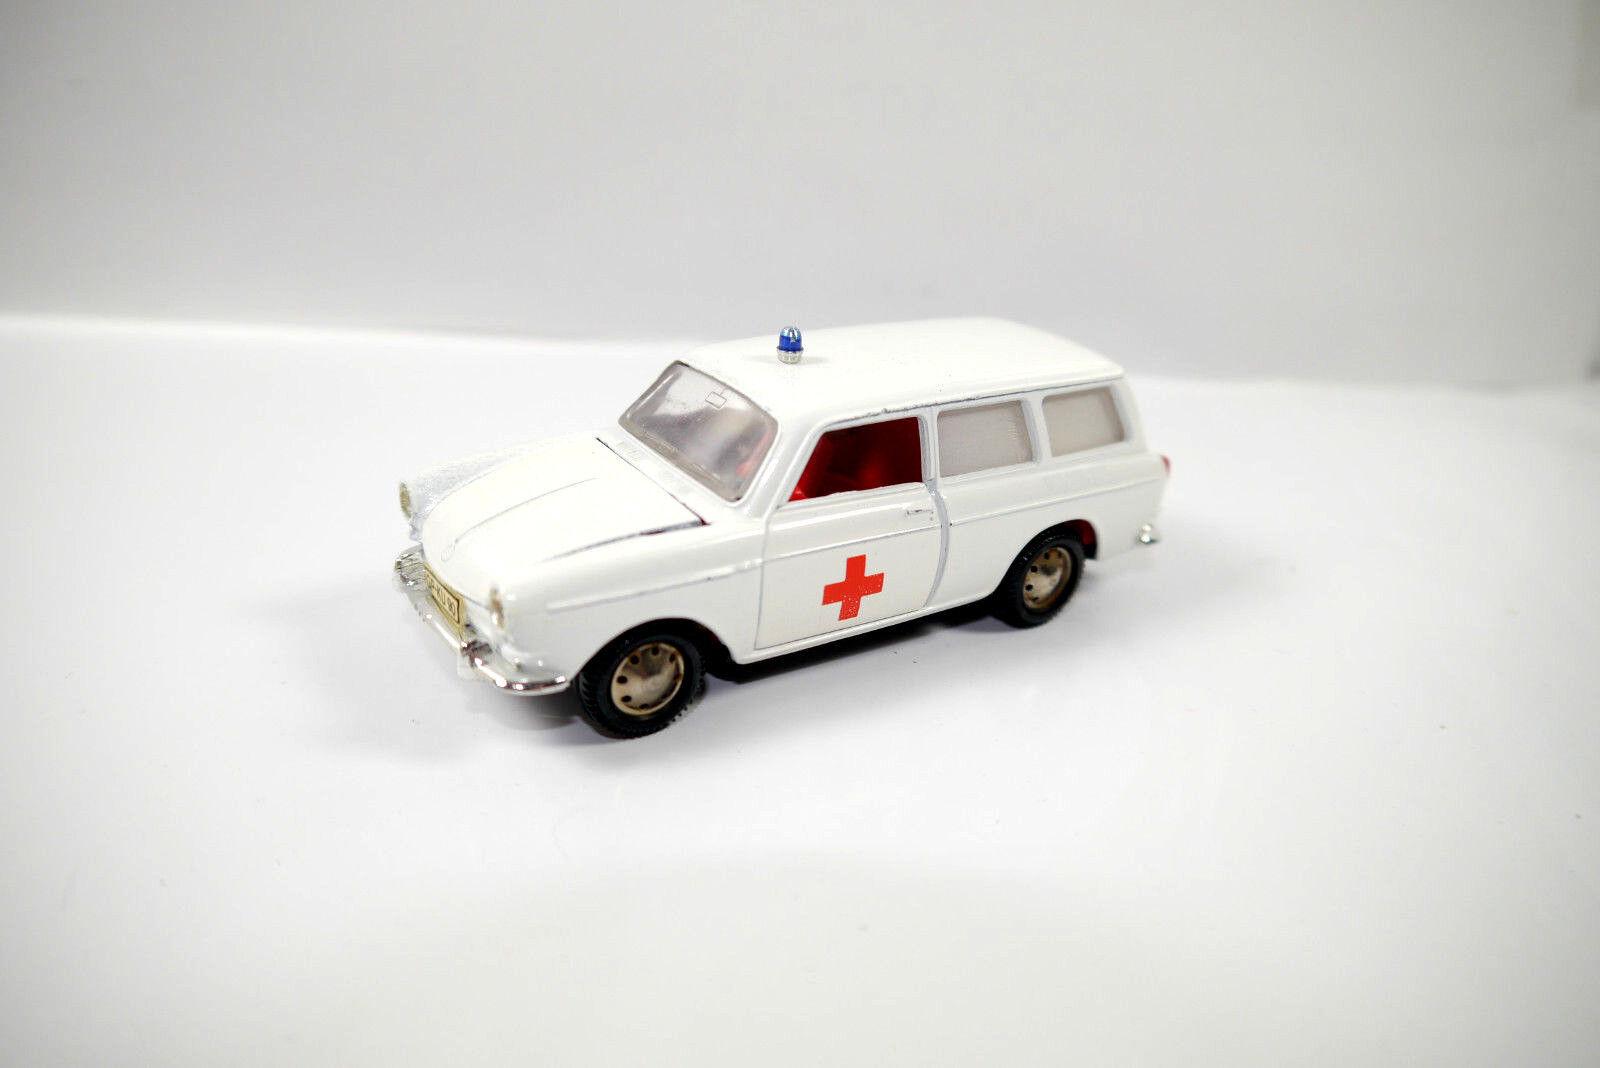 Märklin VW Variante 1600 L Ambulance Métal Modèle de Voiture 1 43 (K36)